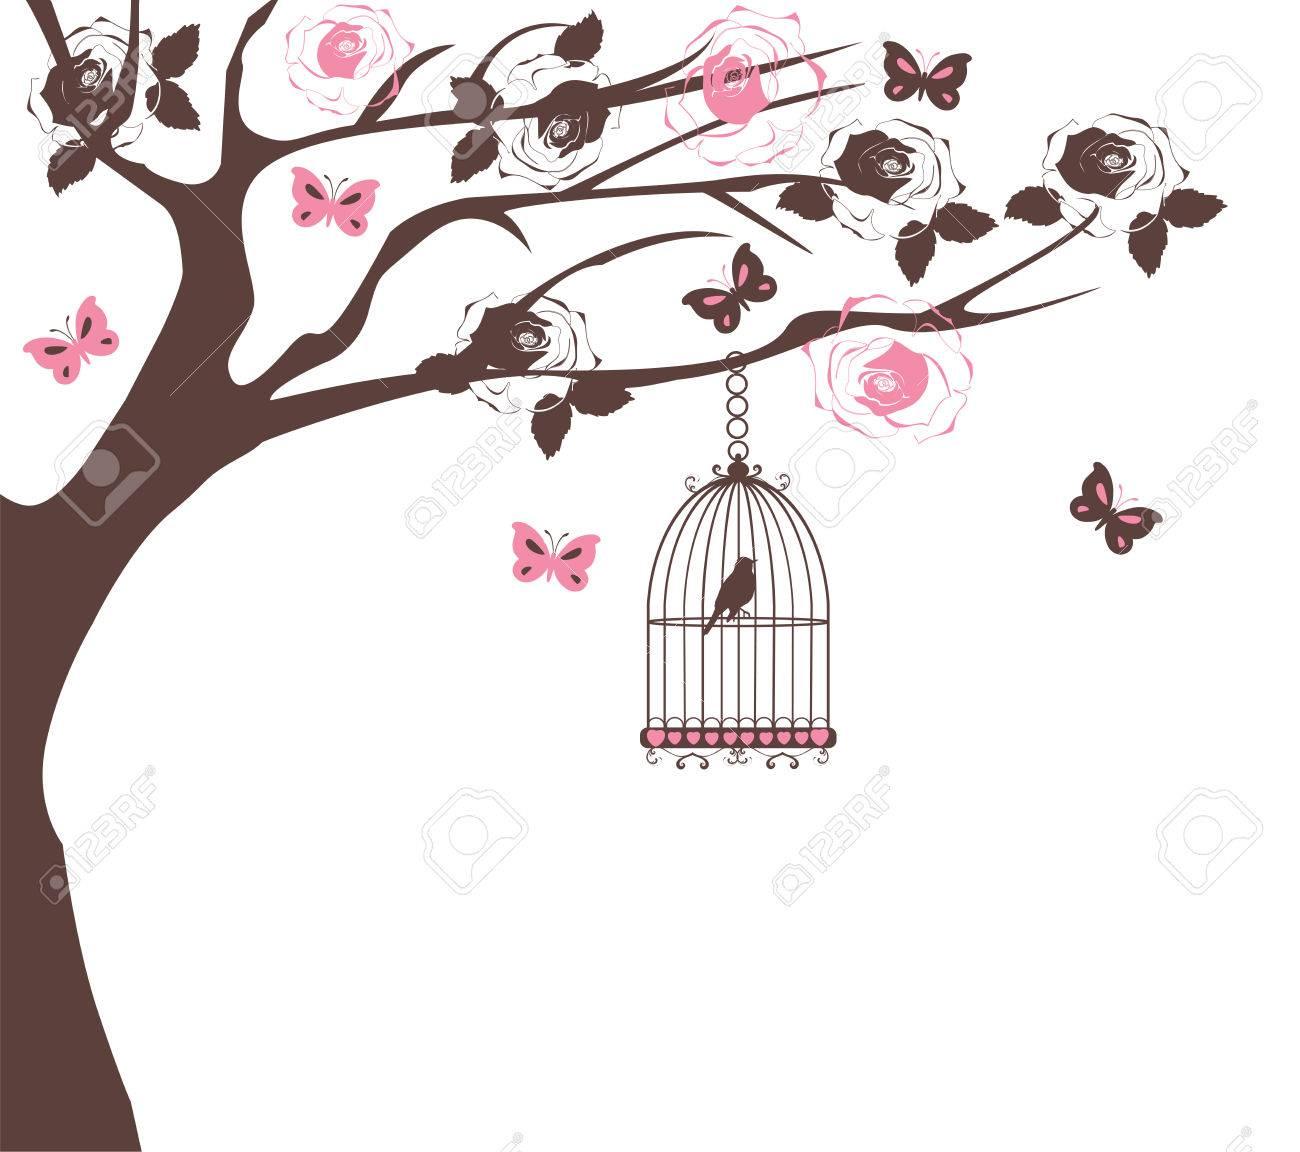 Ilustración De Un árbol Con Rosas, Mariposas Y Aves De Jaula ...